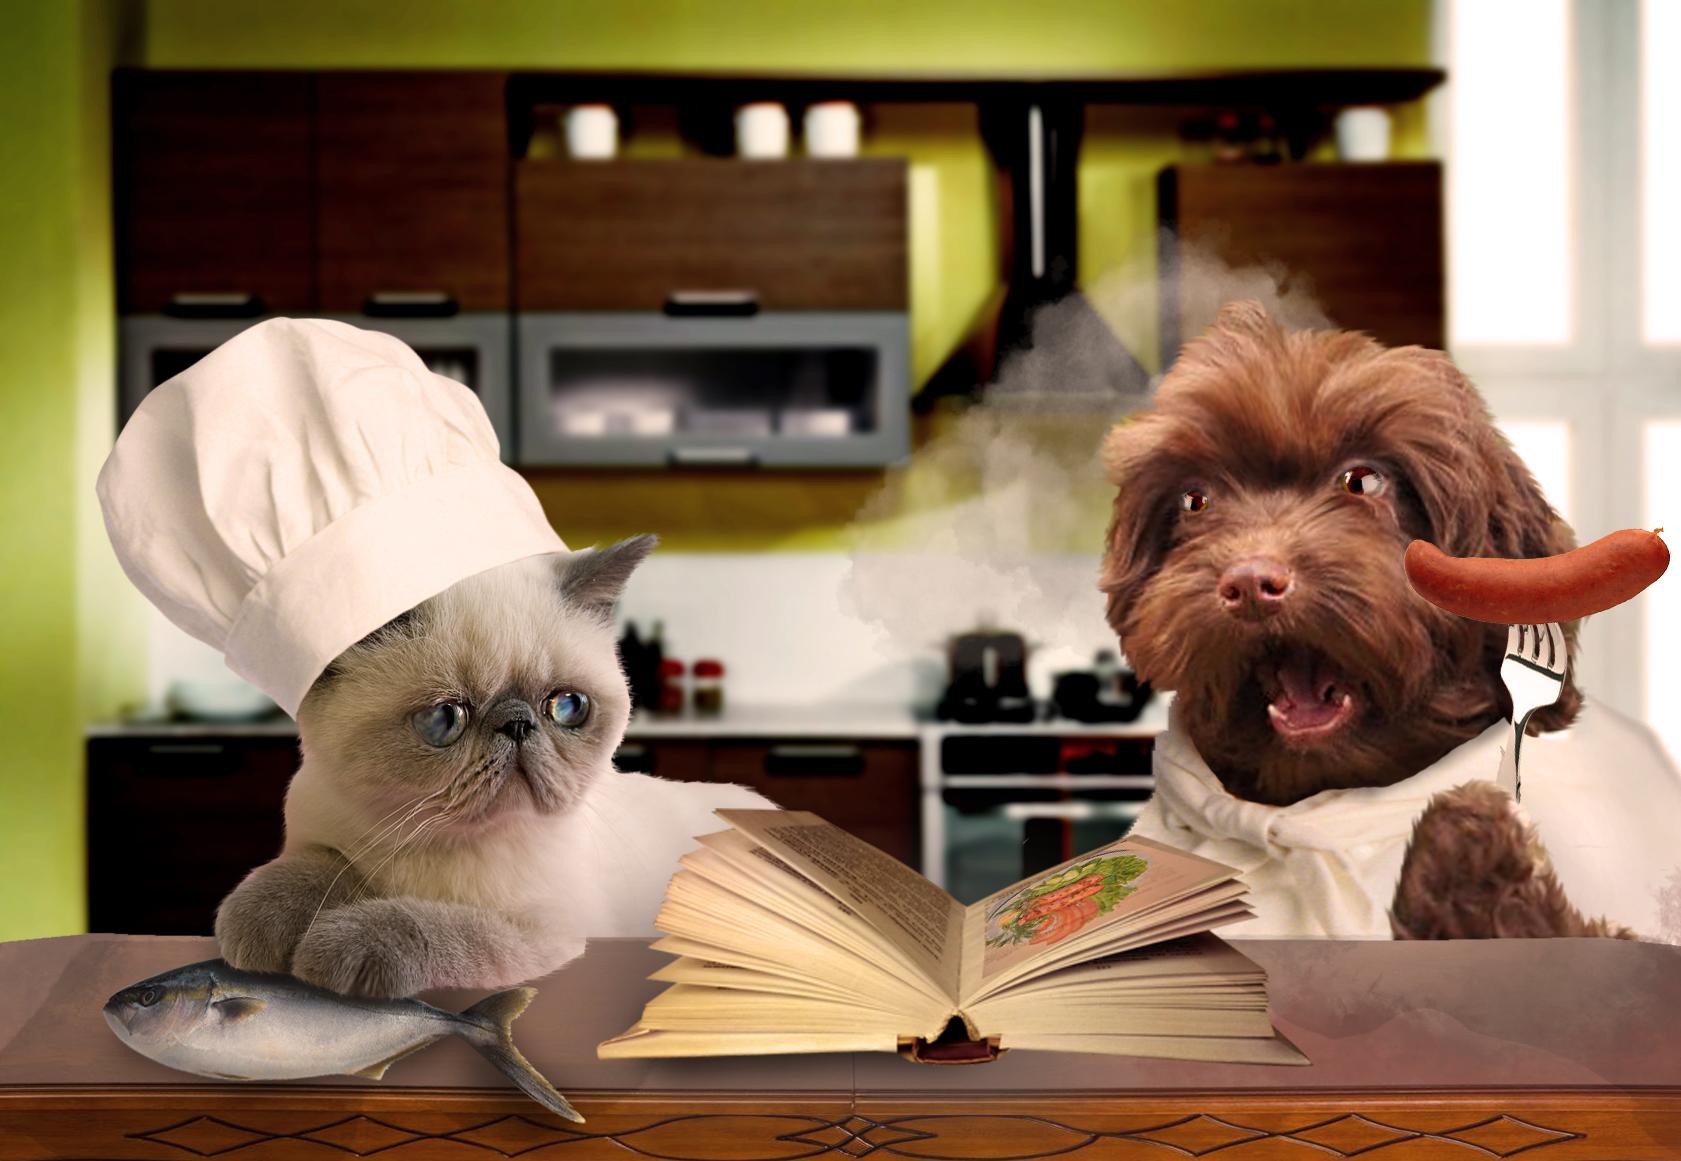 Создать интересный коллаж с участием животных фото f_88551d83e02d0bca.jpg